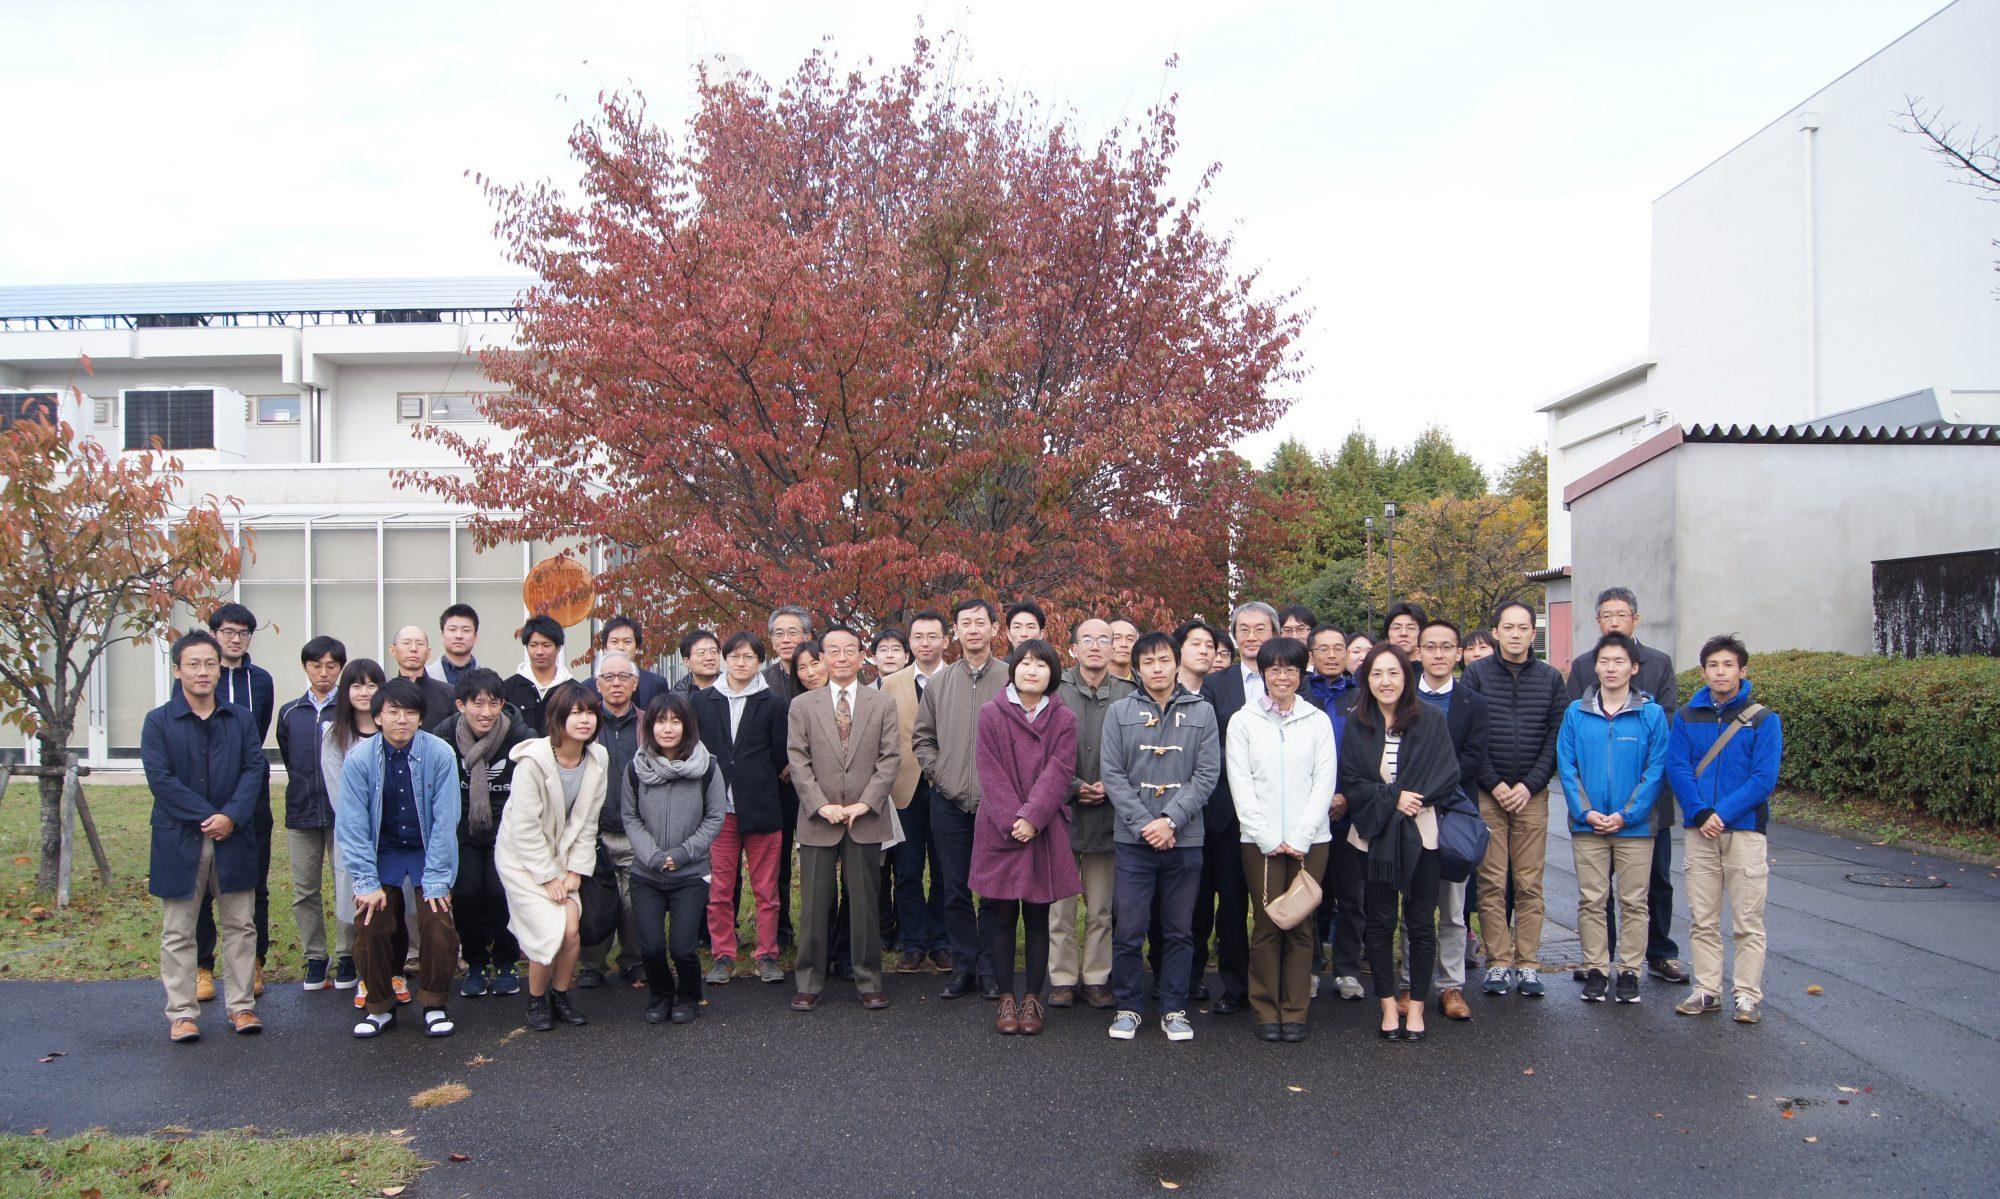 京都大学 防災研究所 災害気候研究分野